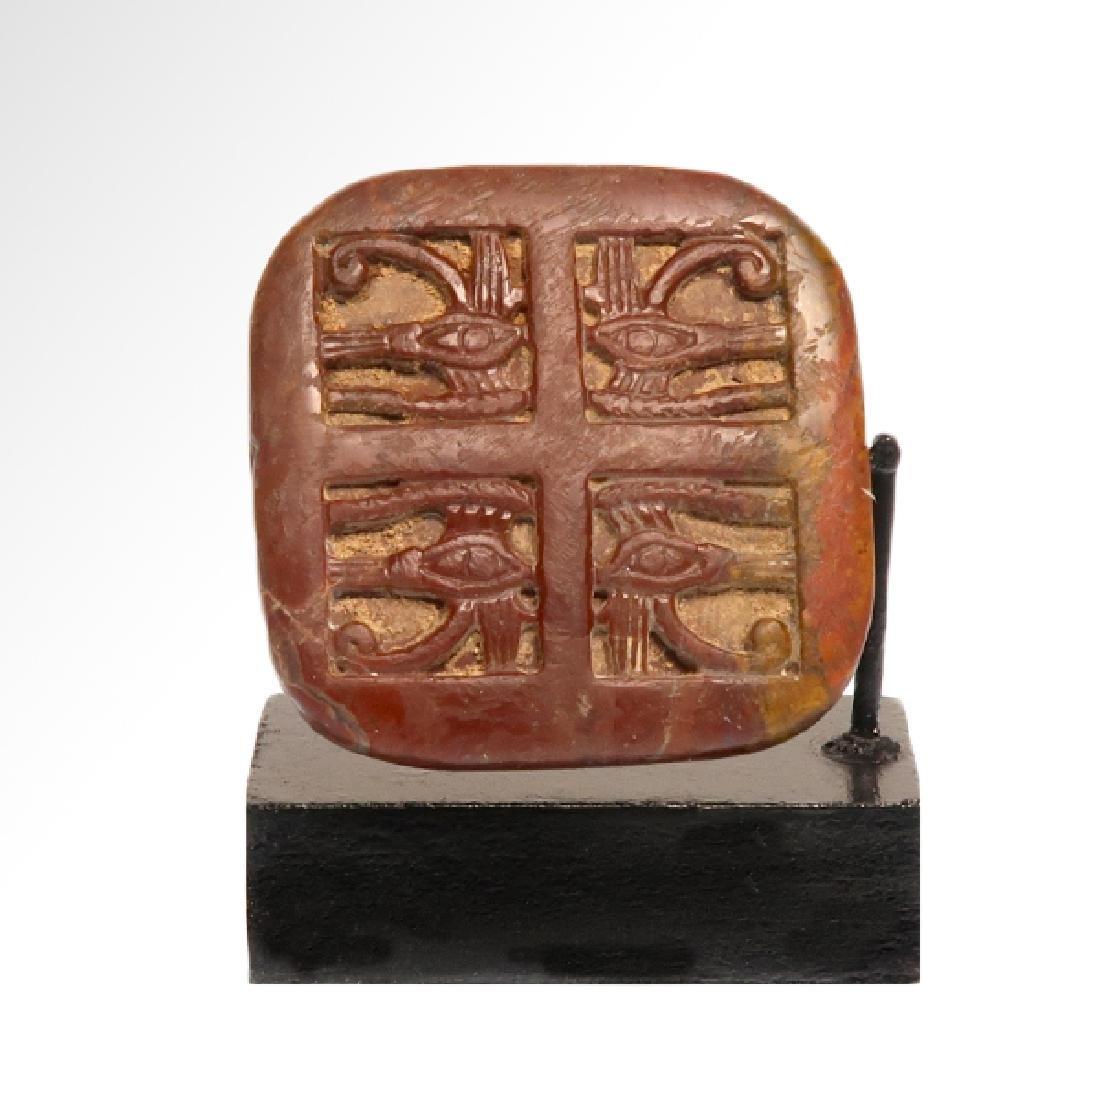 Egyptian Jasper Amulet With Four Eyes of Horus - 2